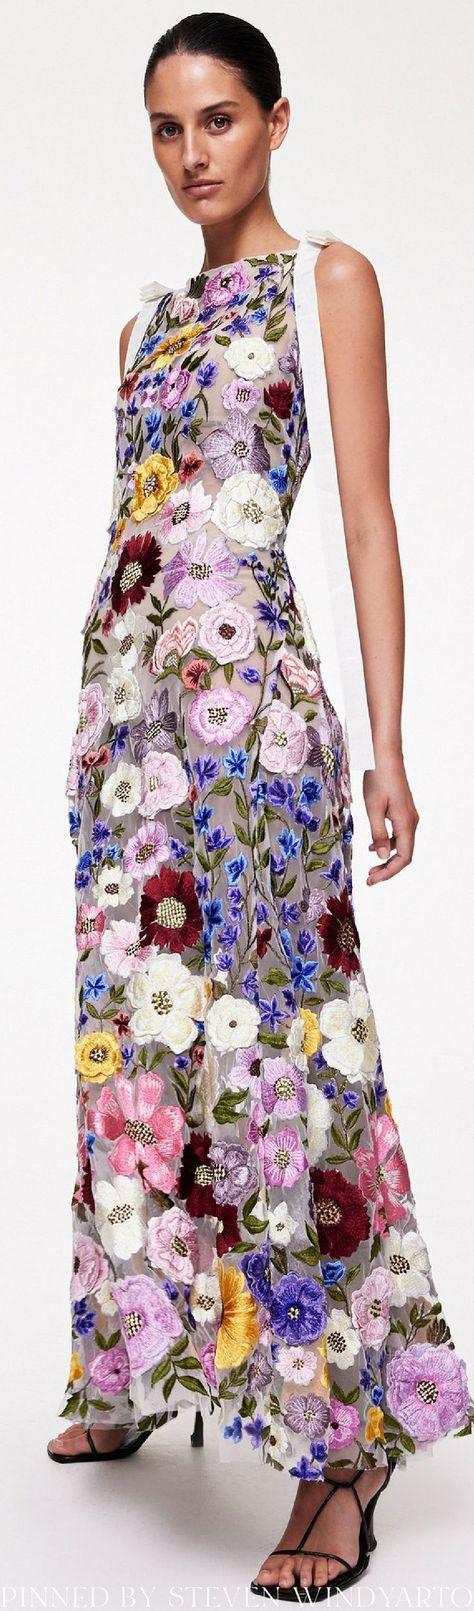 Rachel Gilbert Spring 2022 Lookbook - Nya Embroidered Gown #spring2022 #ss22 #womenswear #rachelgilbert